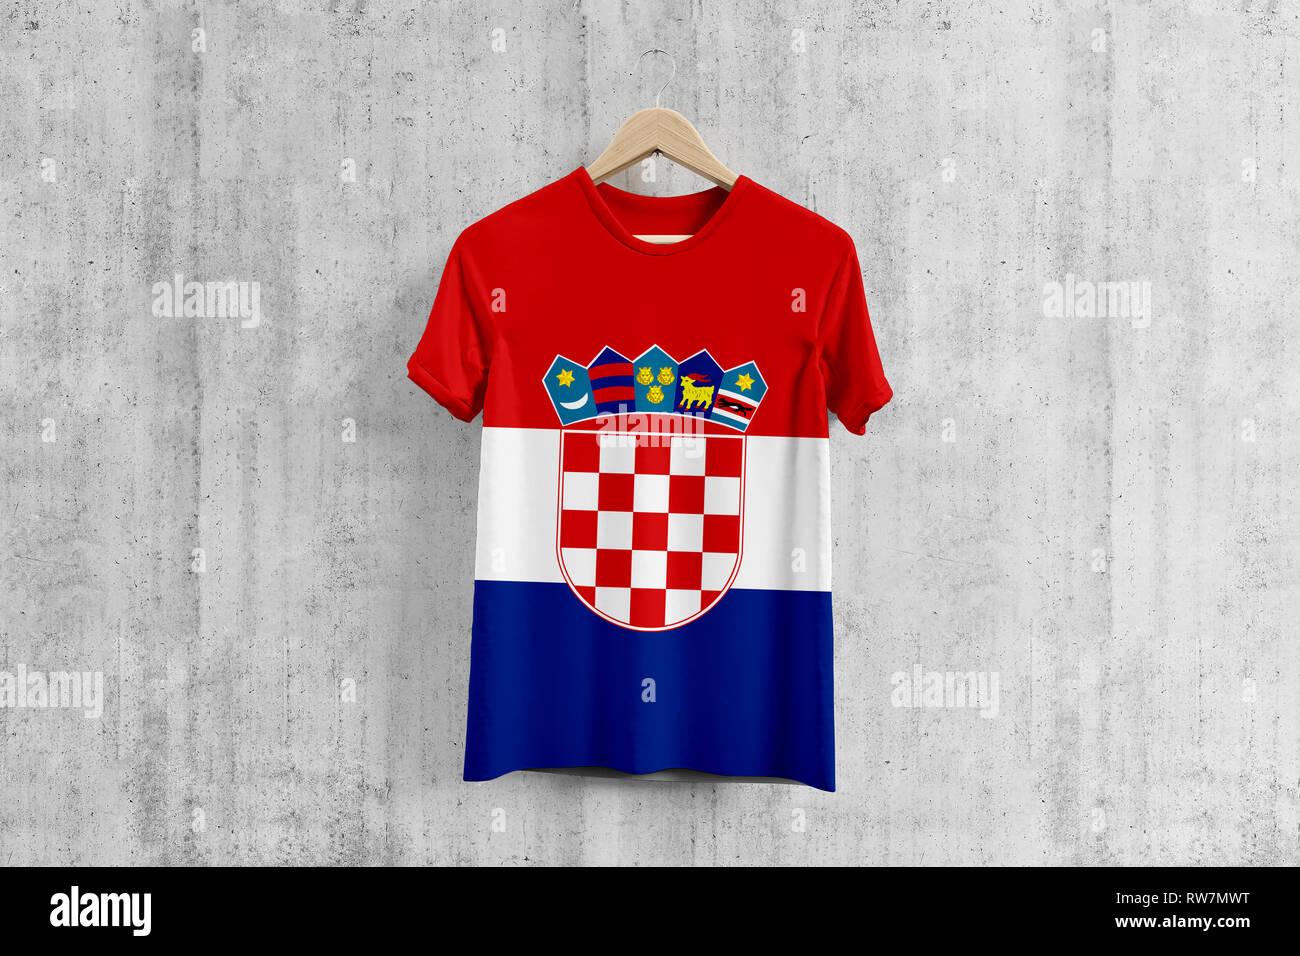 e08b4cbae Croatia National Soccer Team Player Stock Photos   Croatia National ...